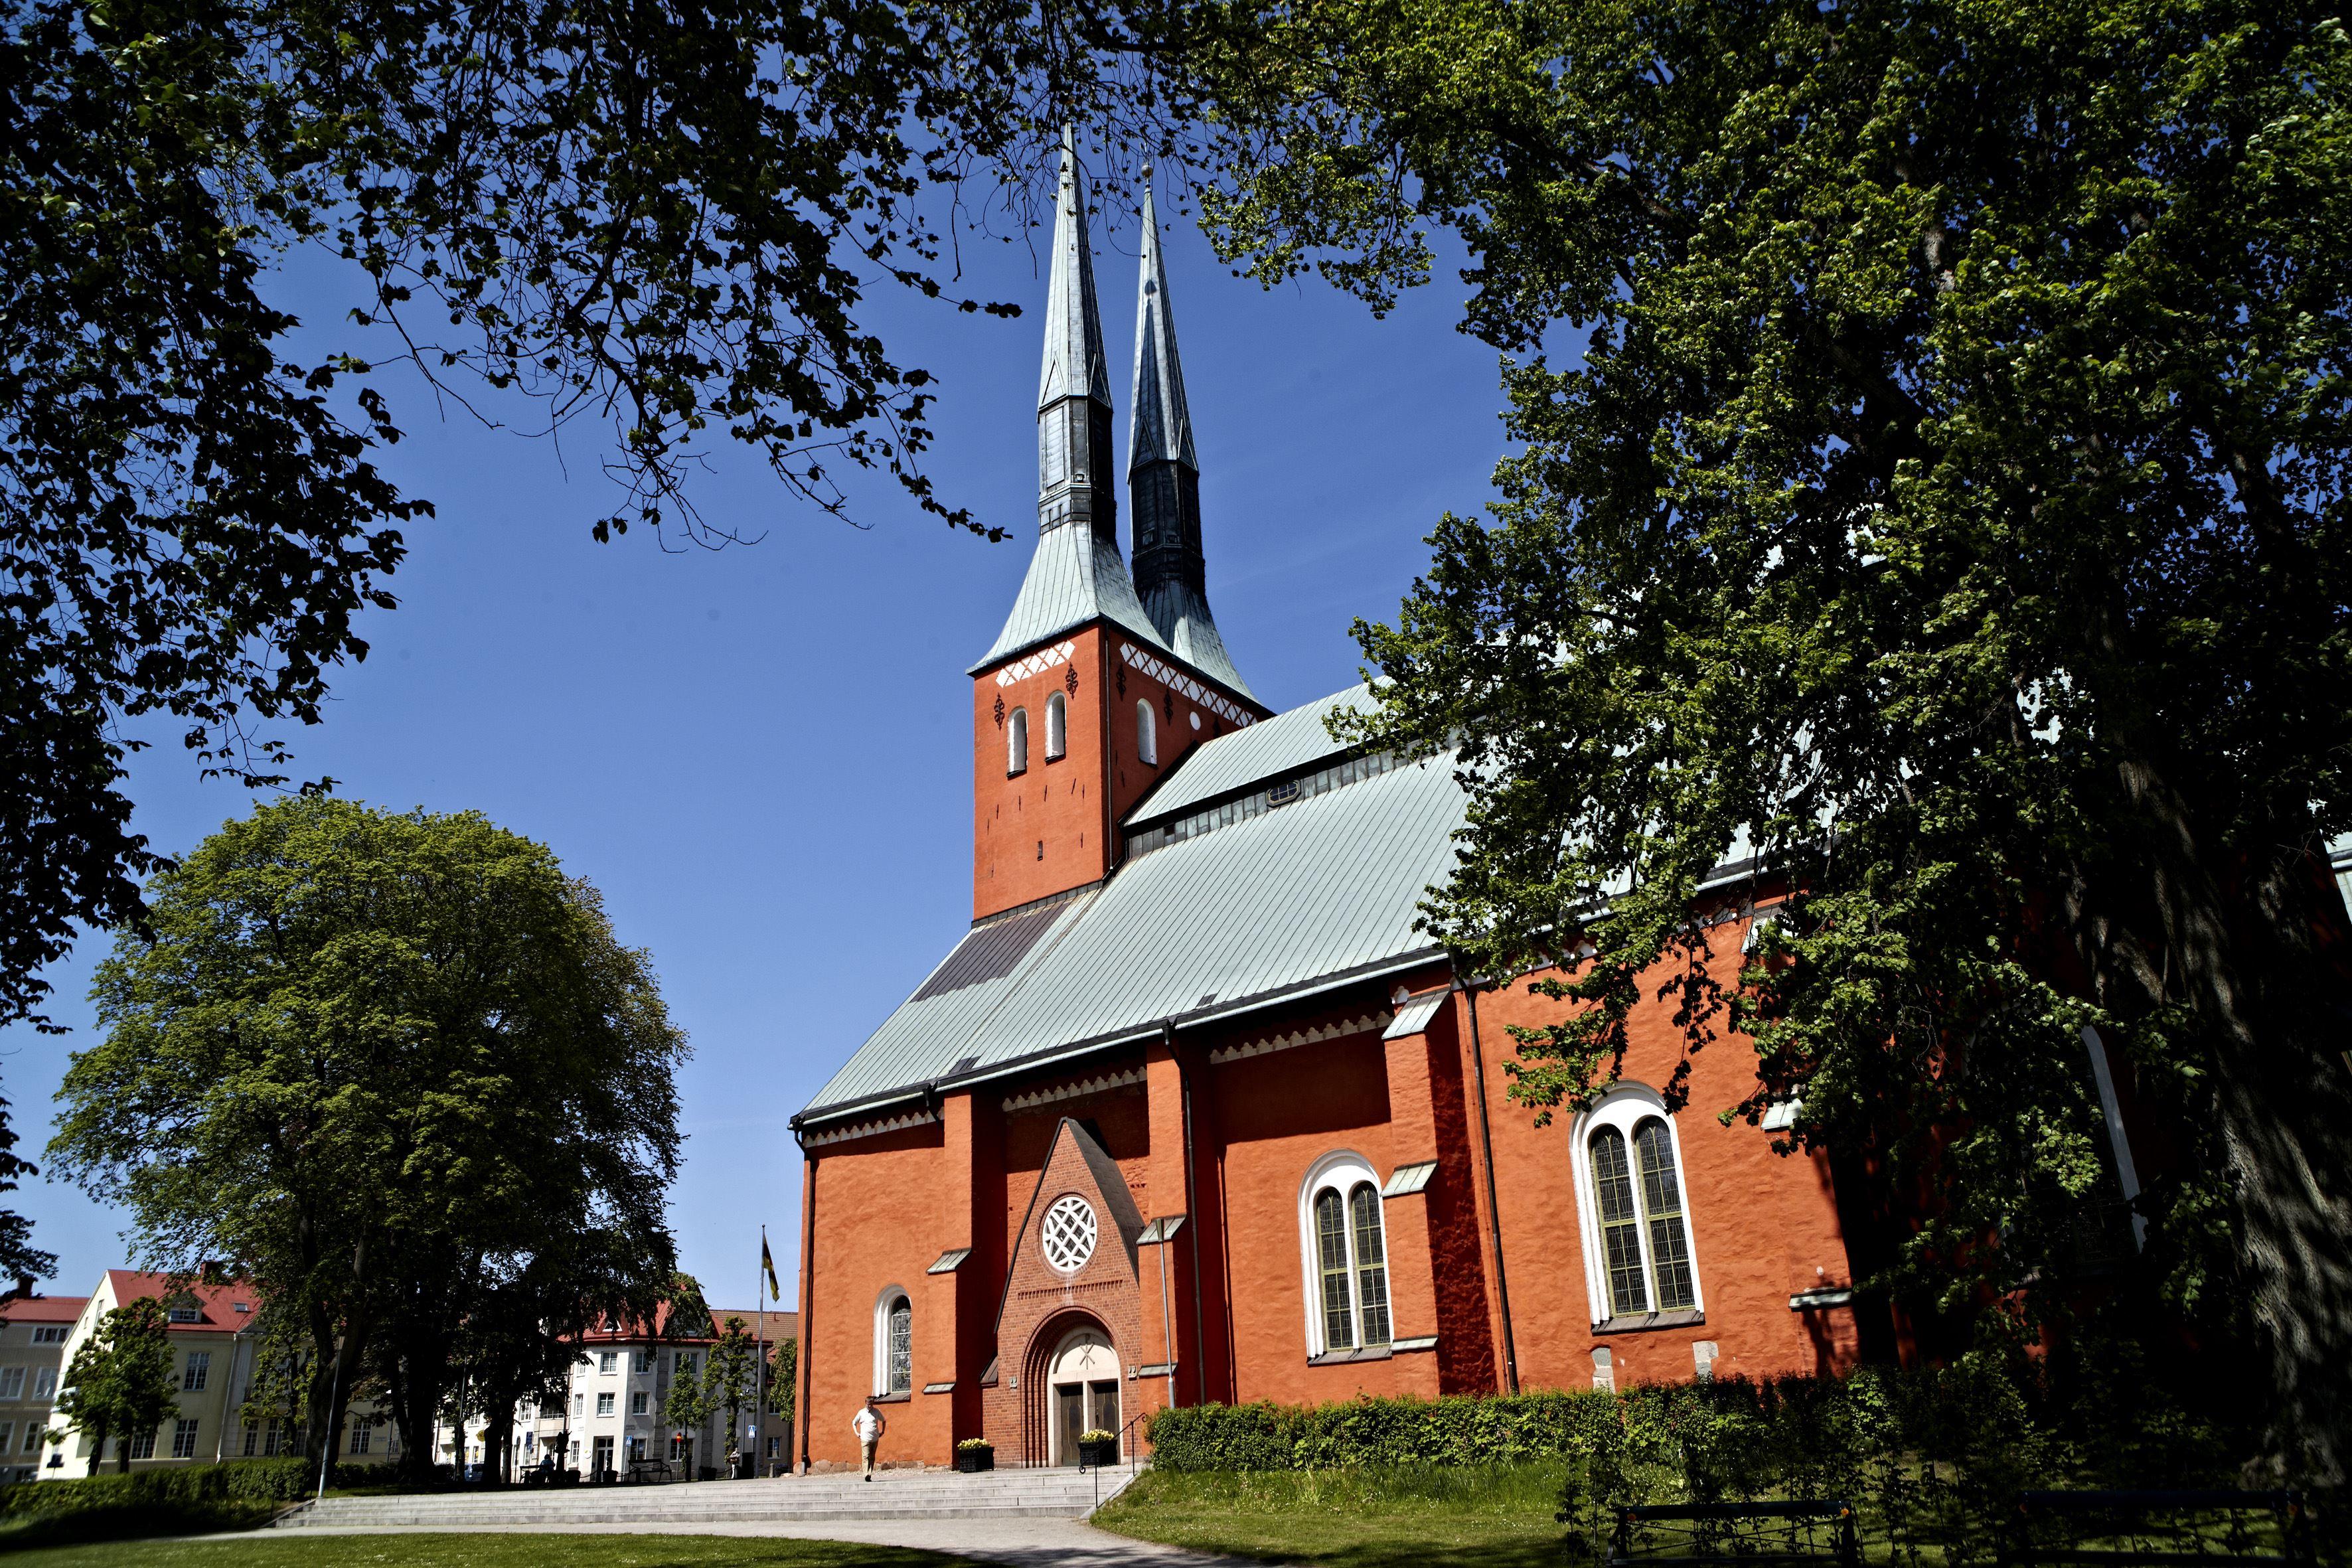 Domkyrkan - der Dom von Växjö